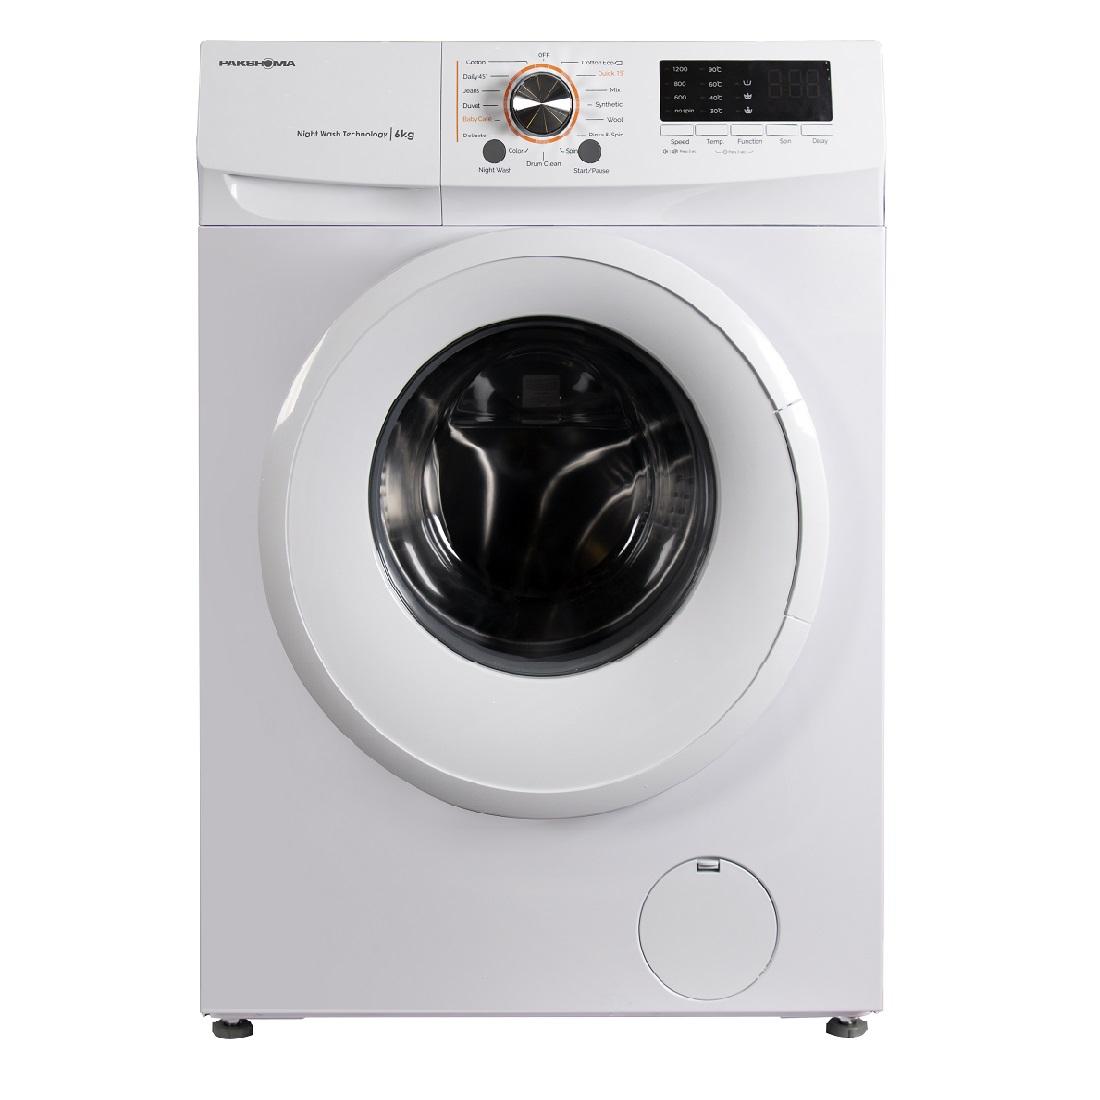 ماشین لباسشویی TFU-63100 سفید درب سفید 6 کیلوگرم